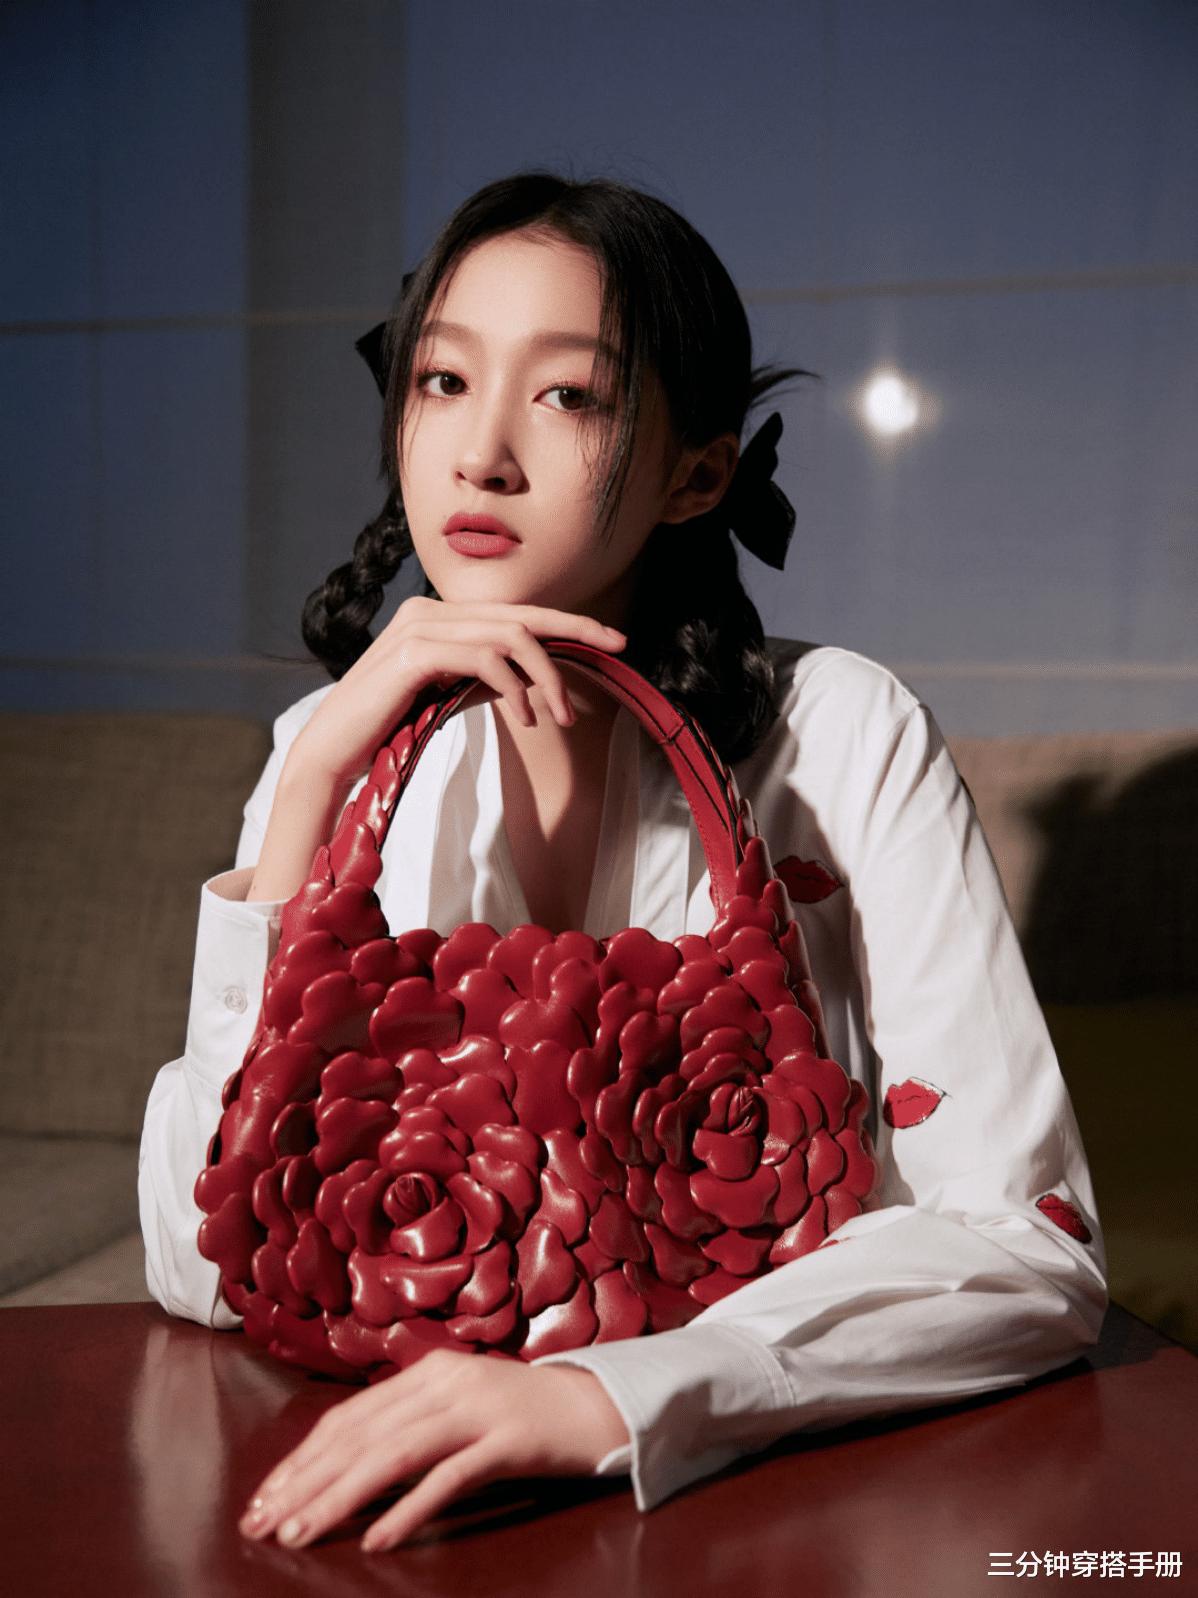 """2021最""""火""""配色红+白!陈都灵穿优雅白裙配红唇红包,好洋气"""